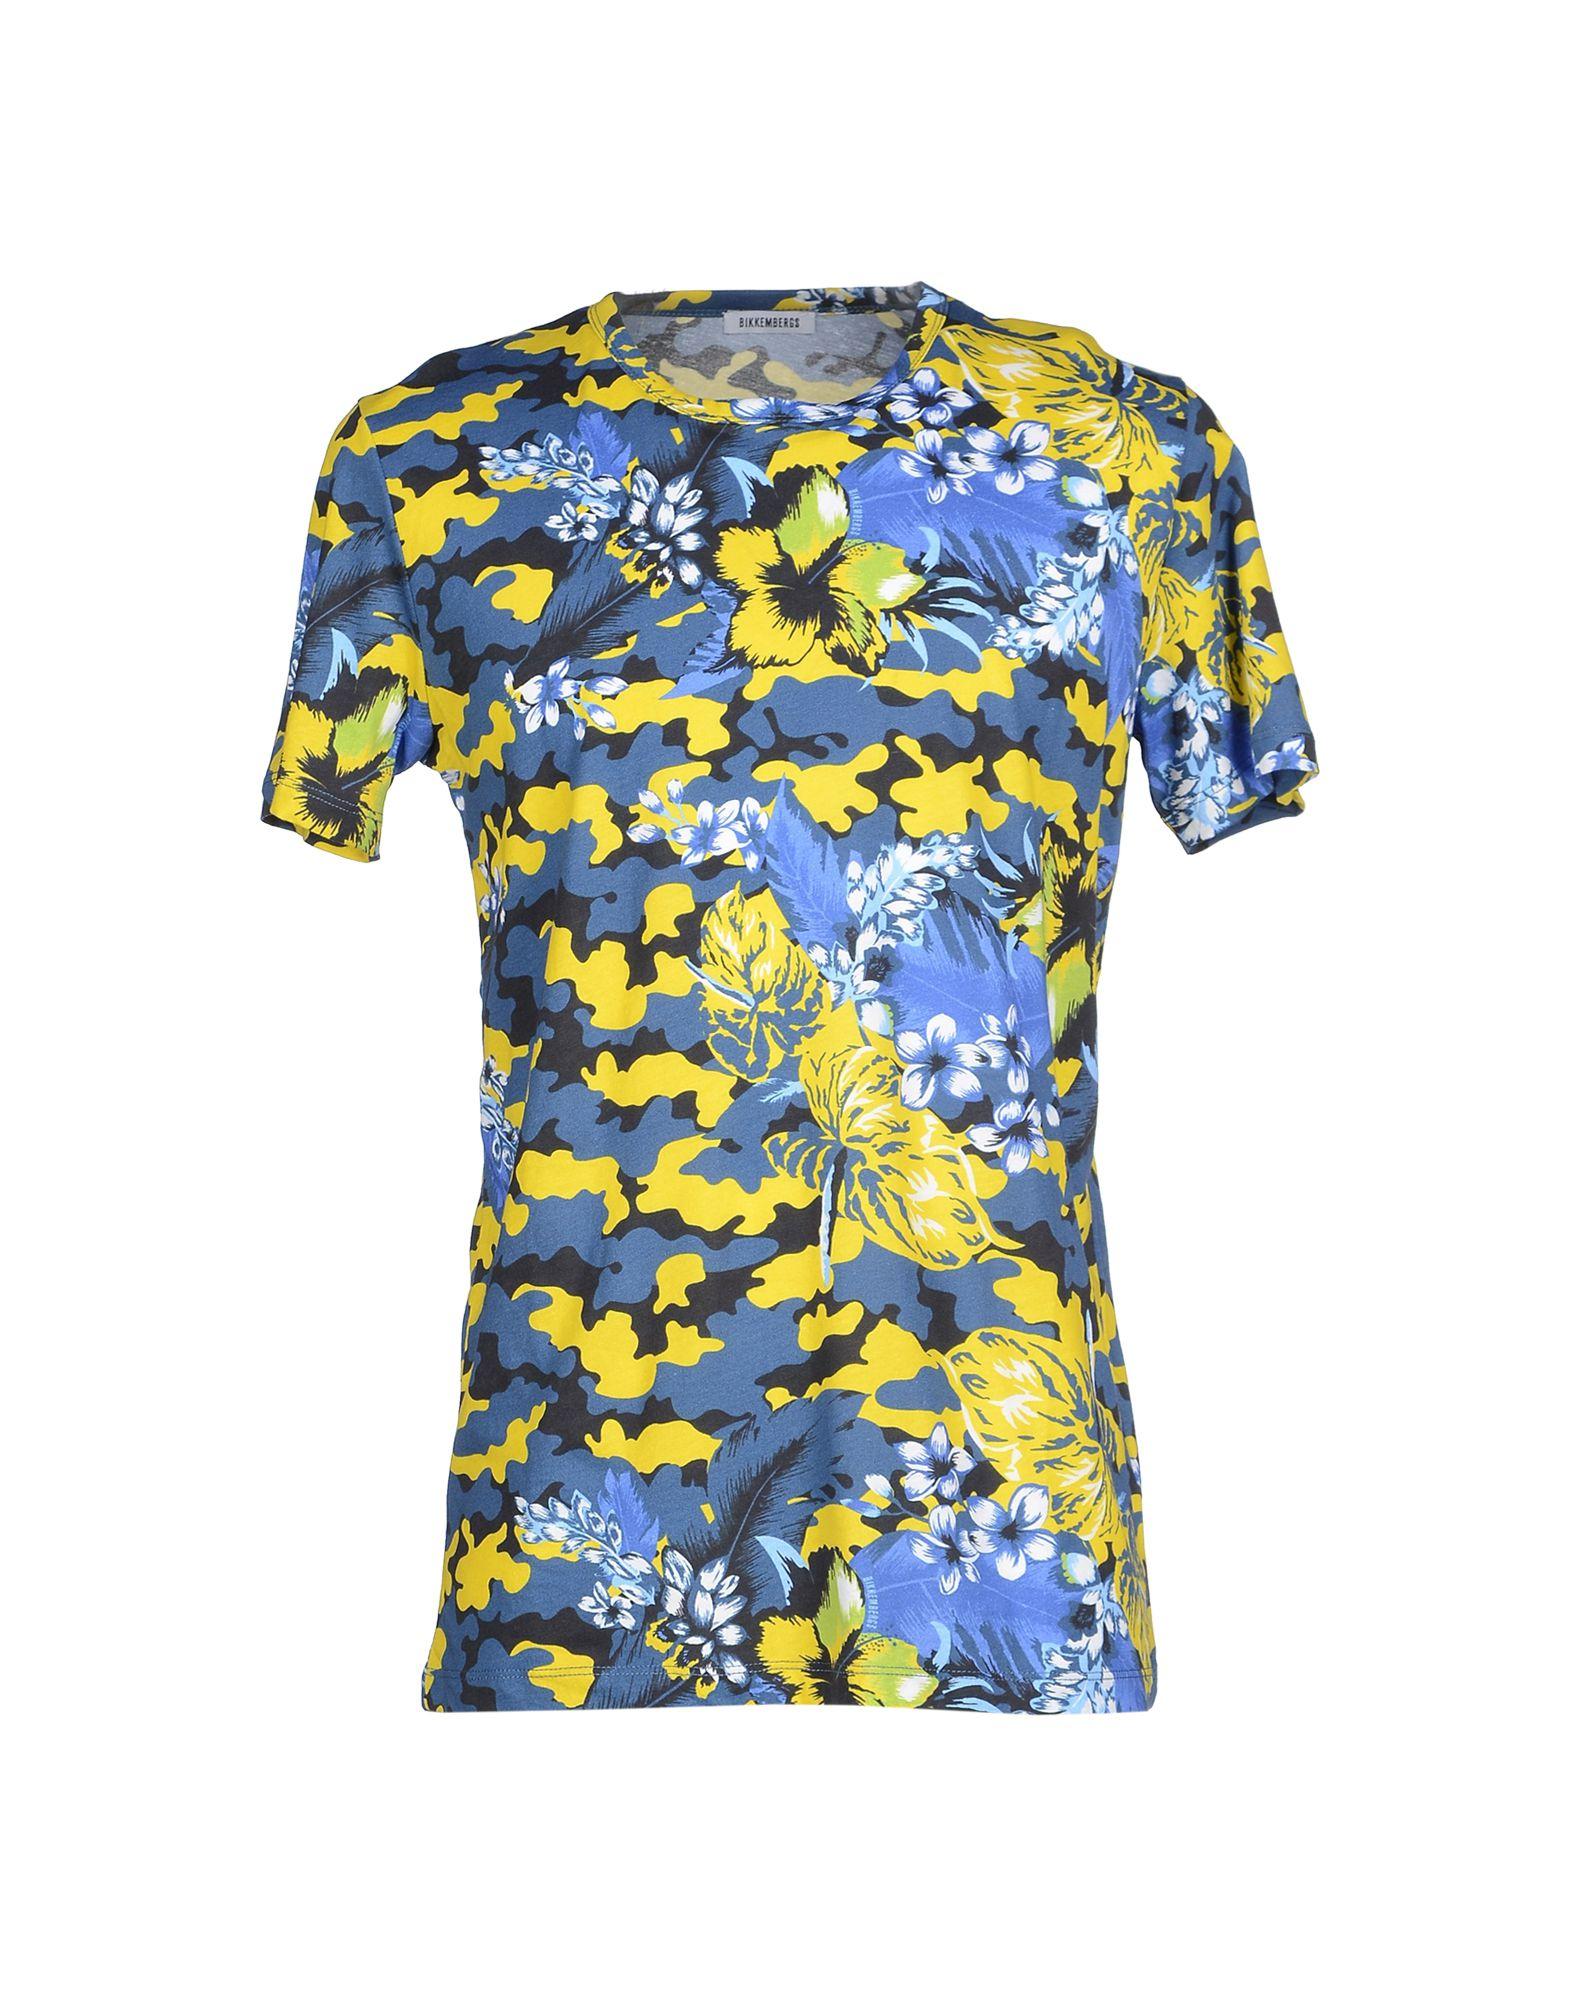 《送料無料》BIKKEMBERGS メンズ T シャツ イエロー XL コットン 100%